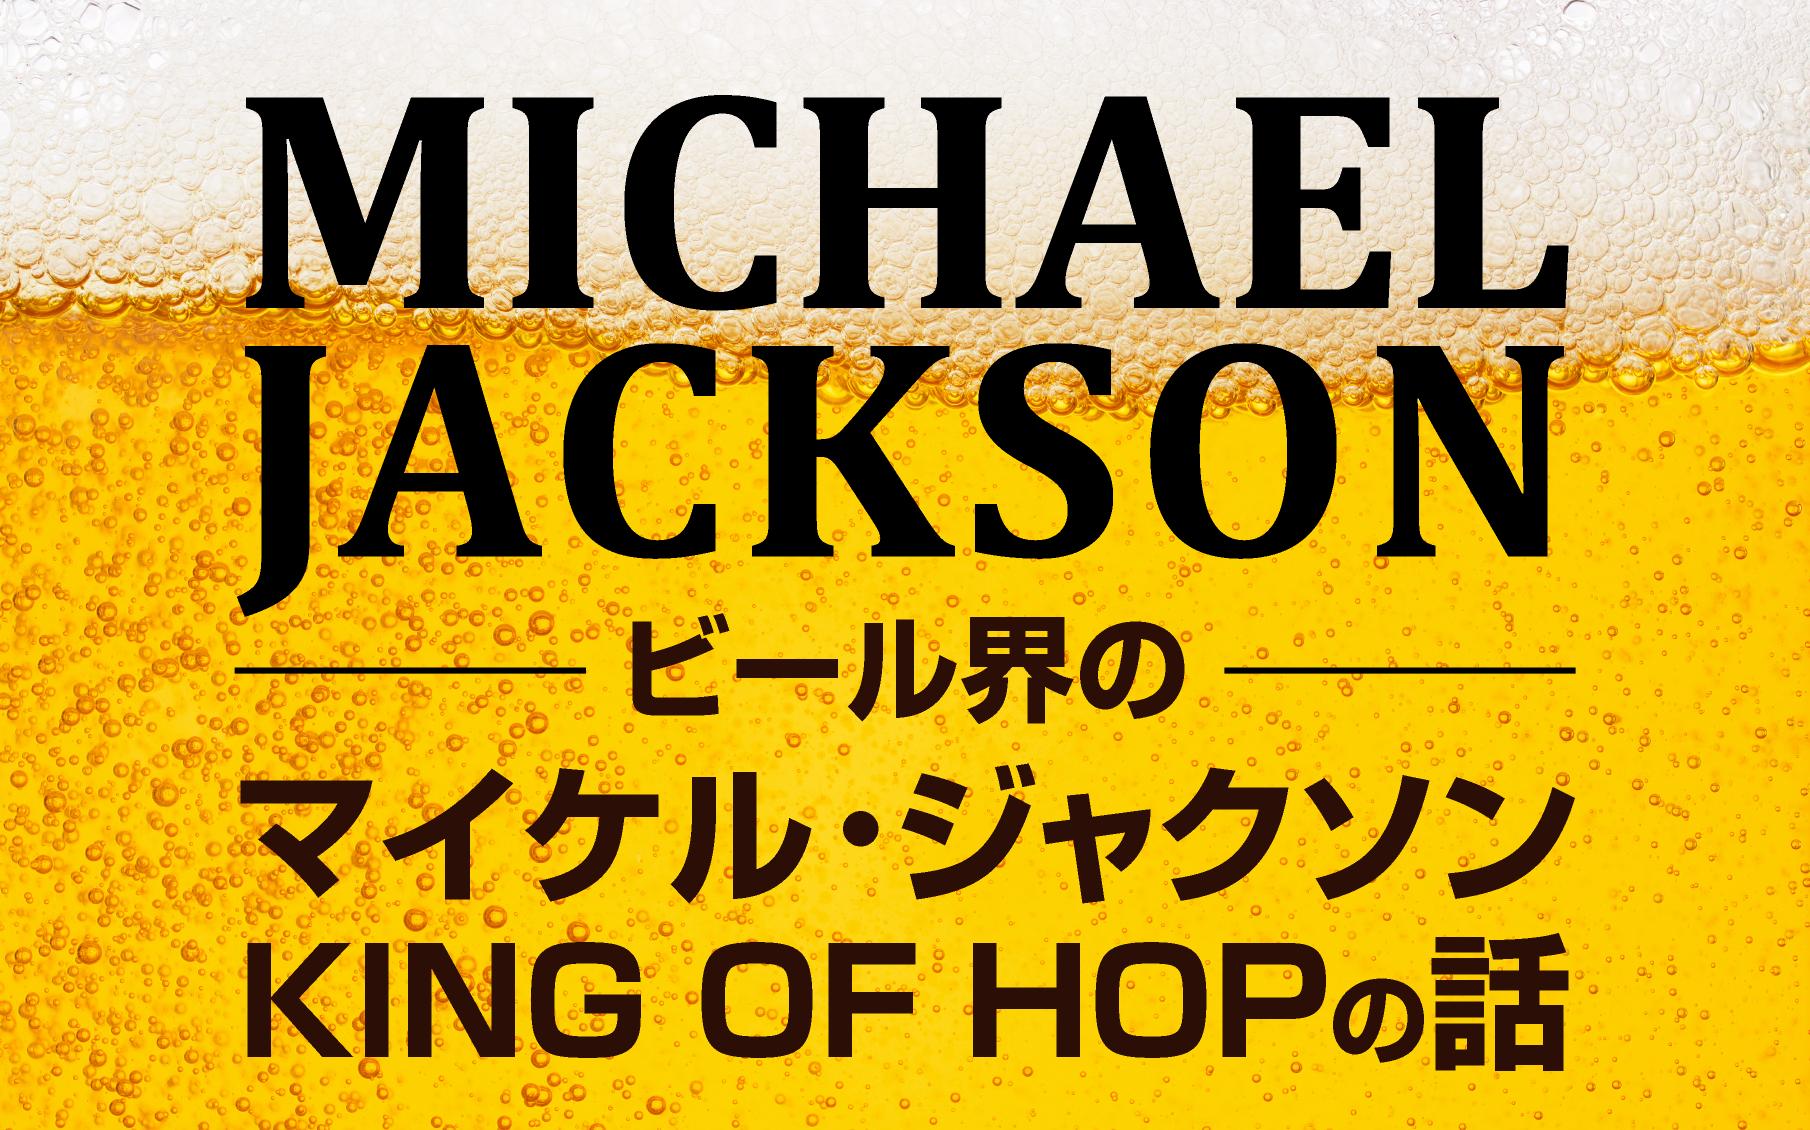 ビール界のマイケル・ジャクソン。KING OF HOPの話